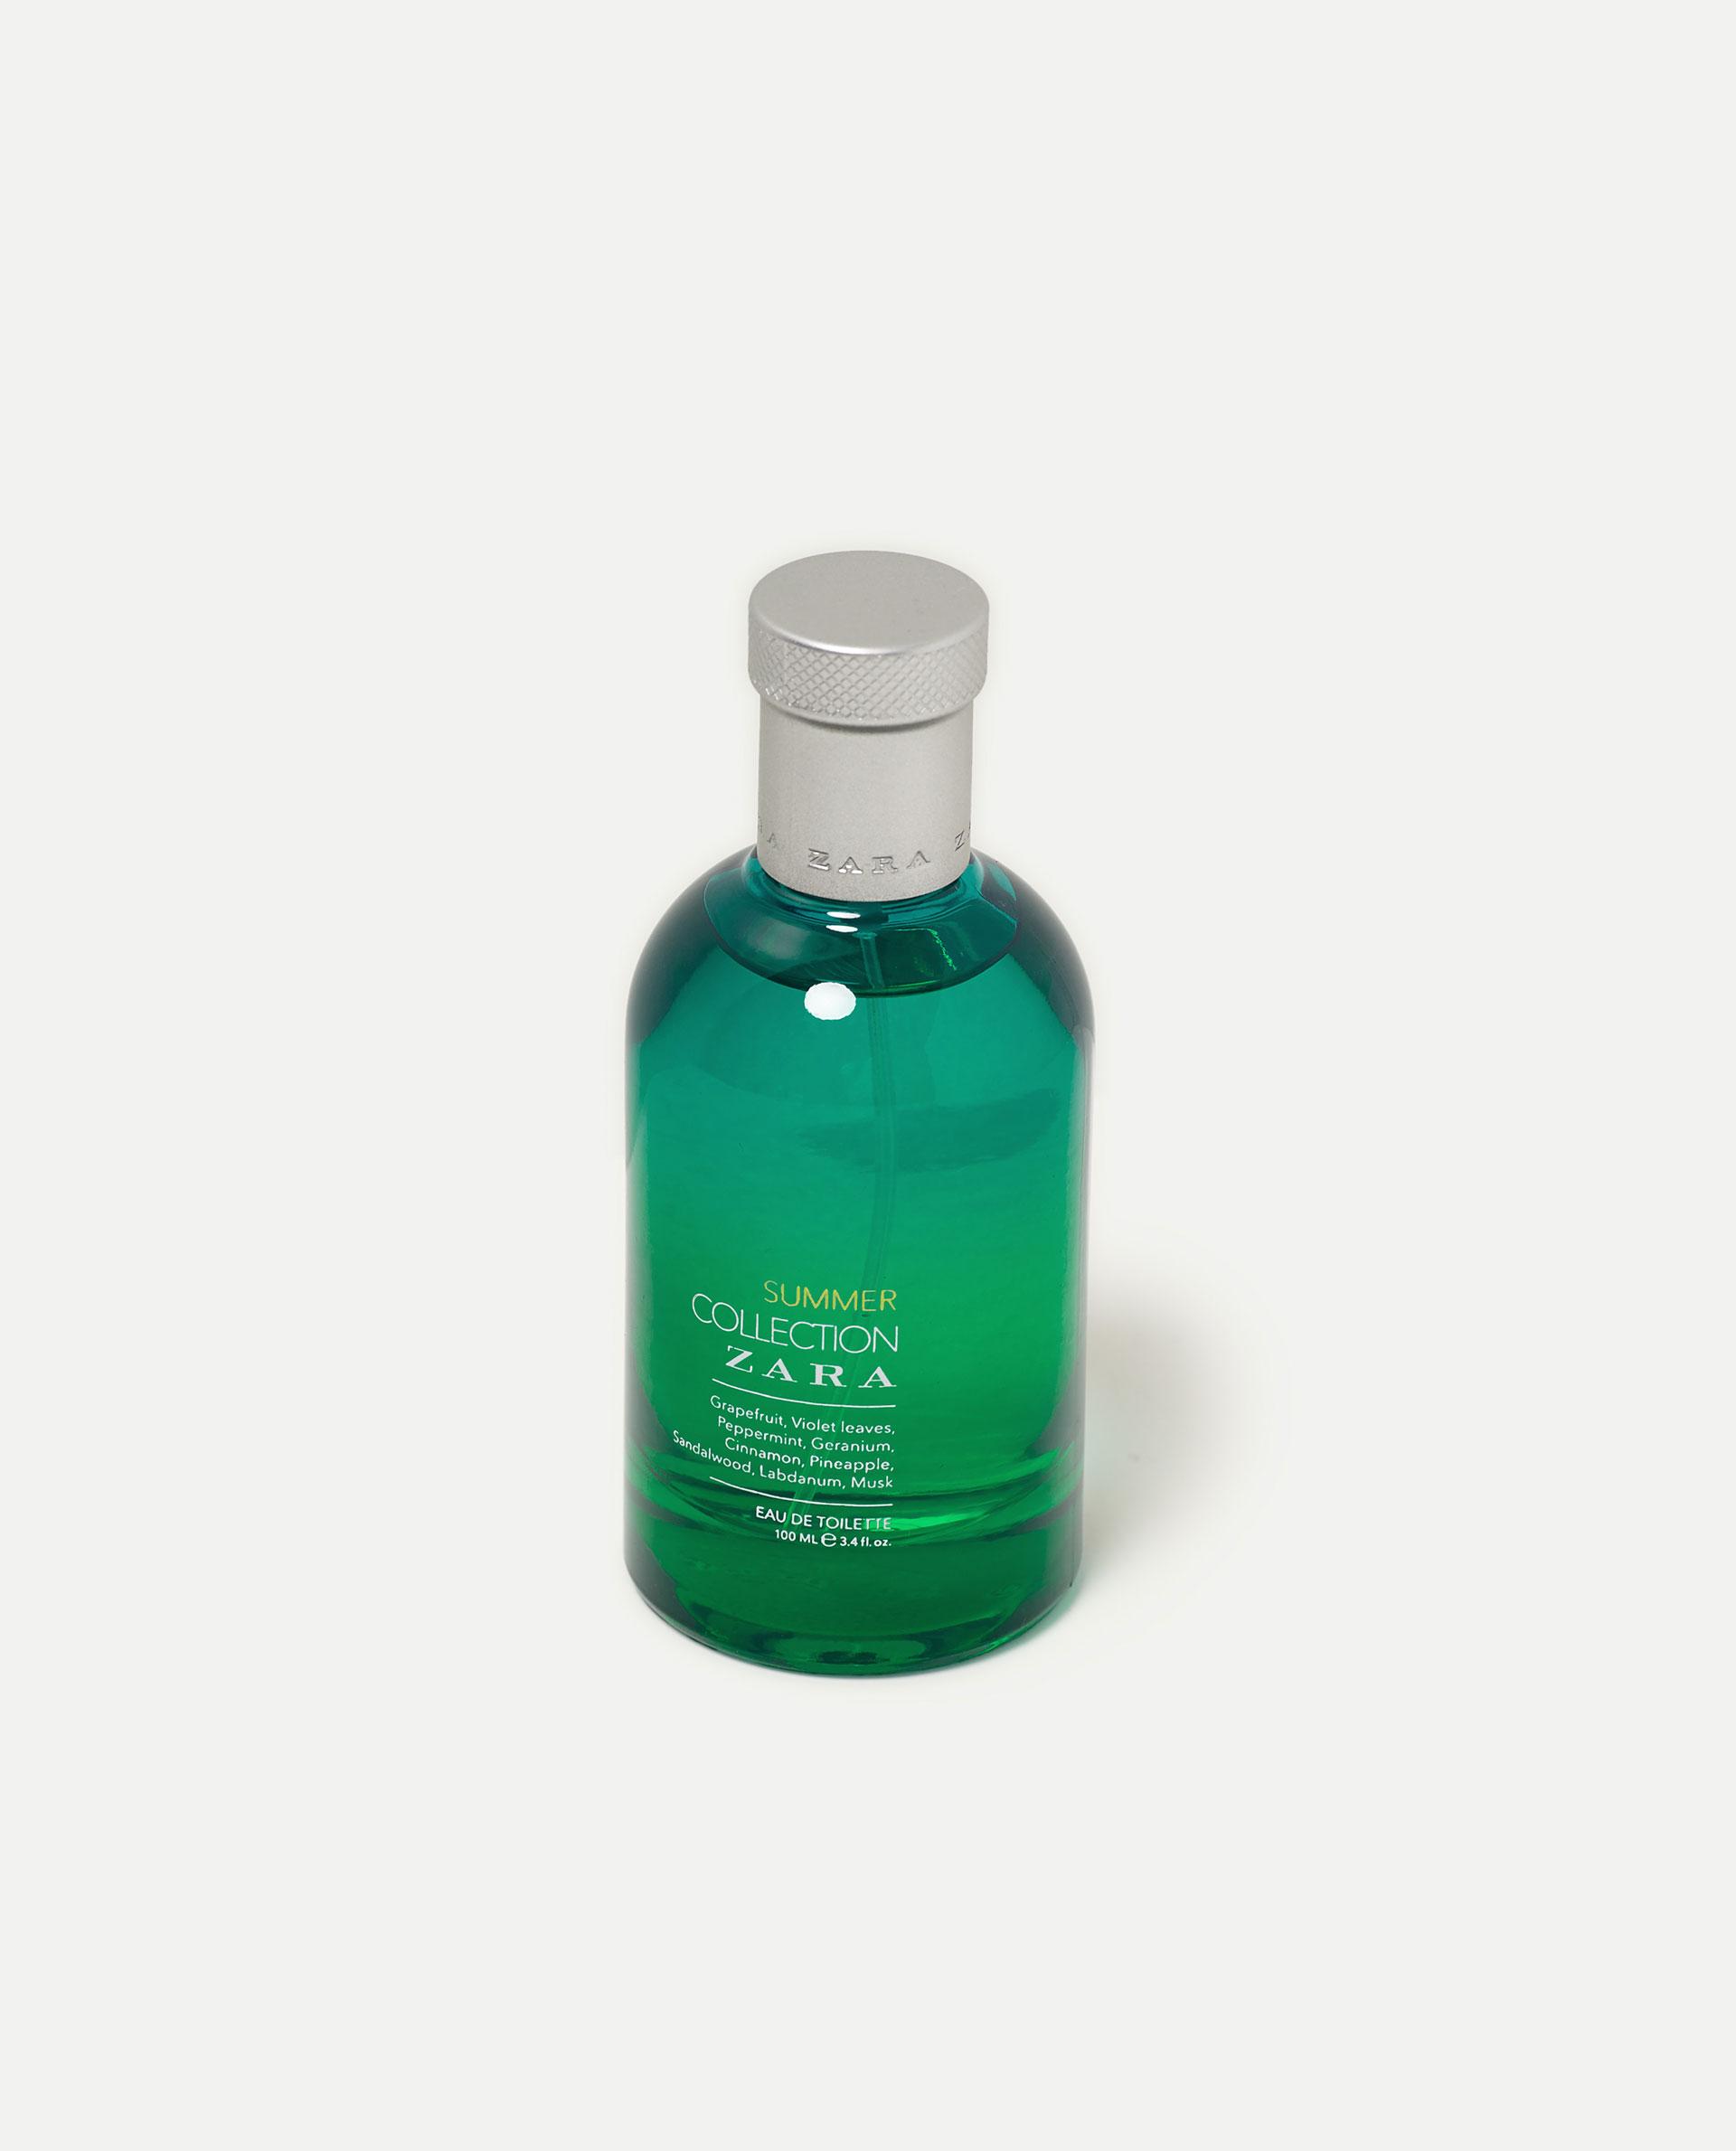 summer collection zara zara cologne un nouveau parfum pour homme 2017. Black Bedroom Furniture Sets. Home Design Ideas